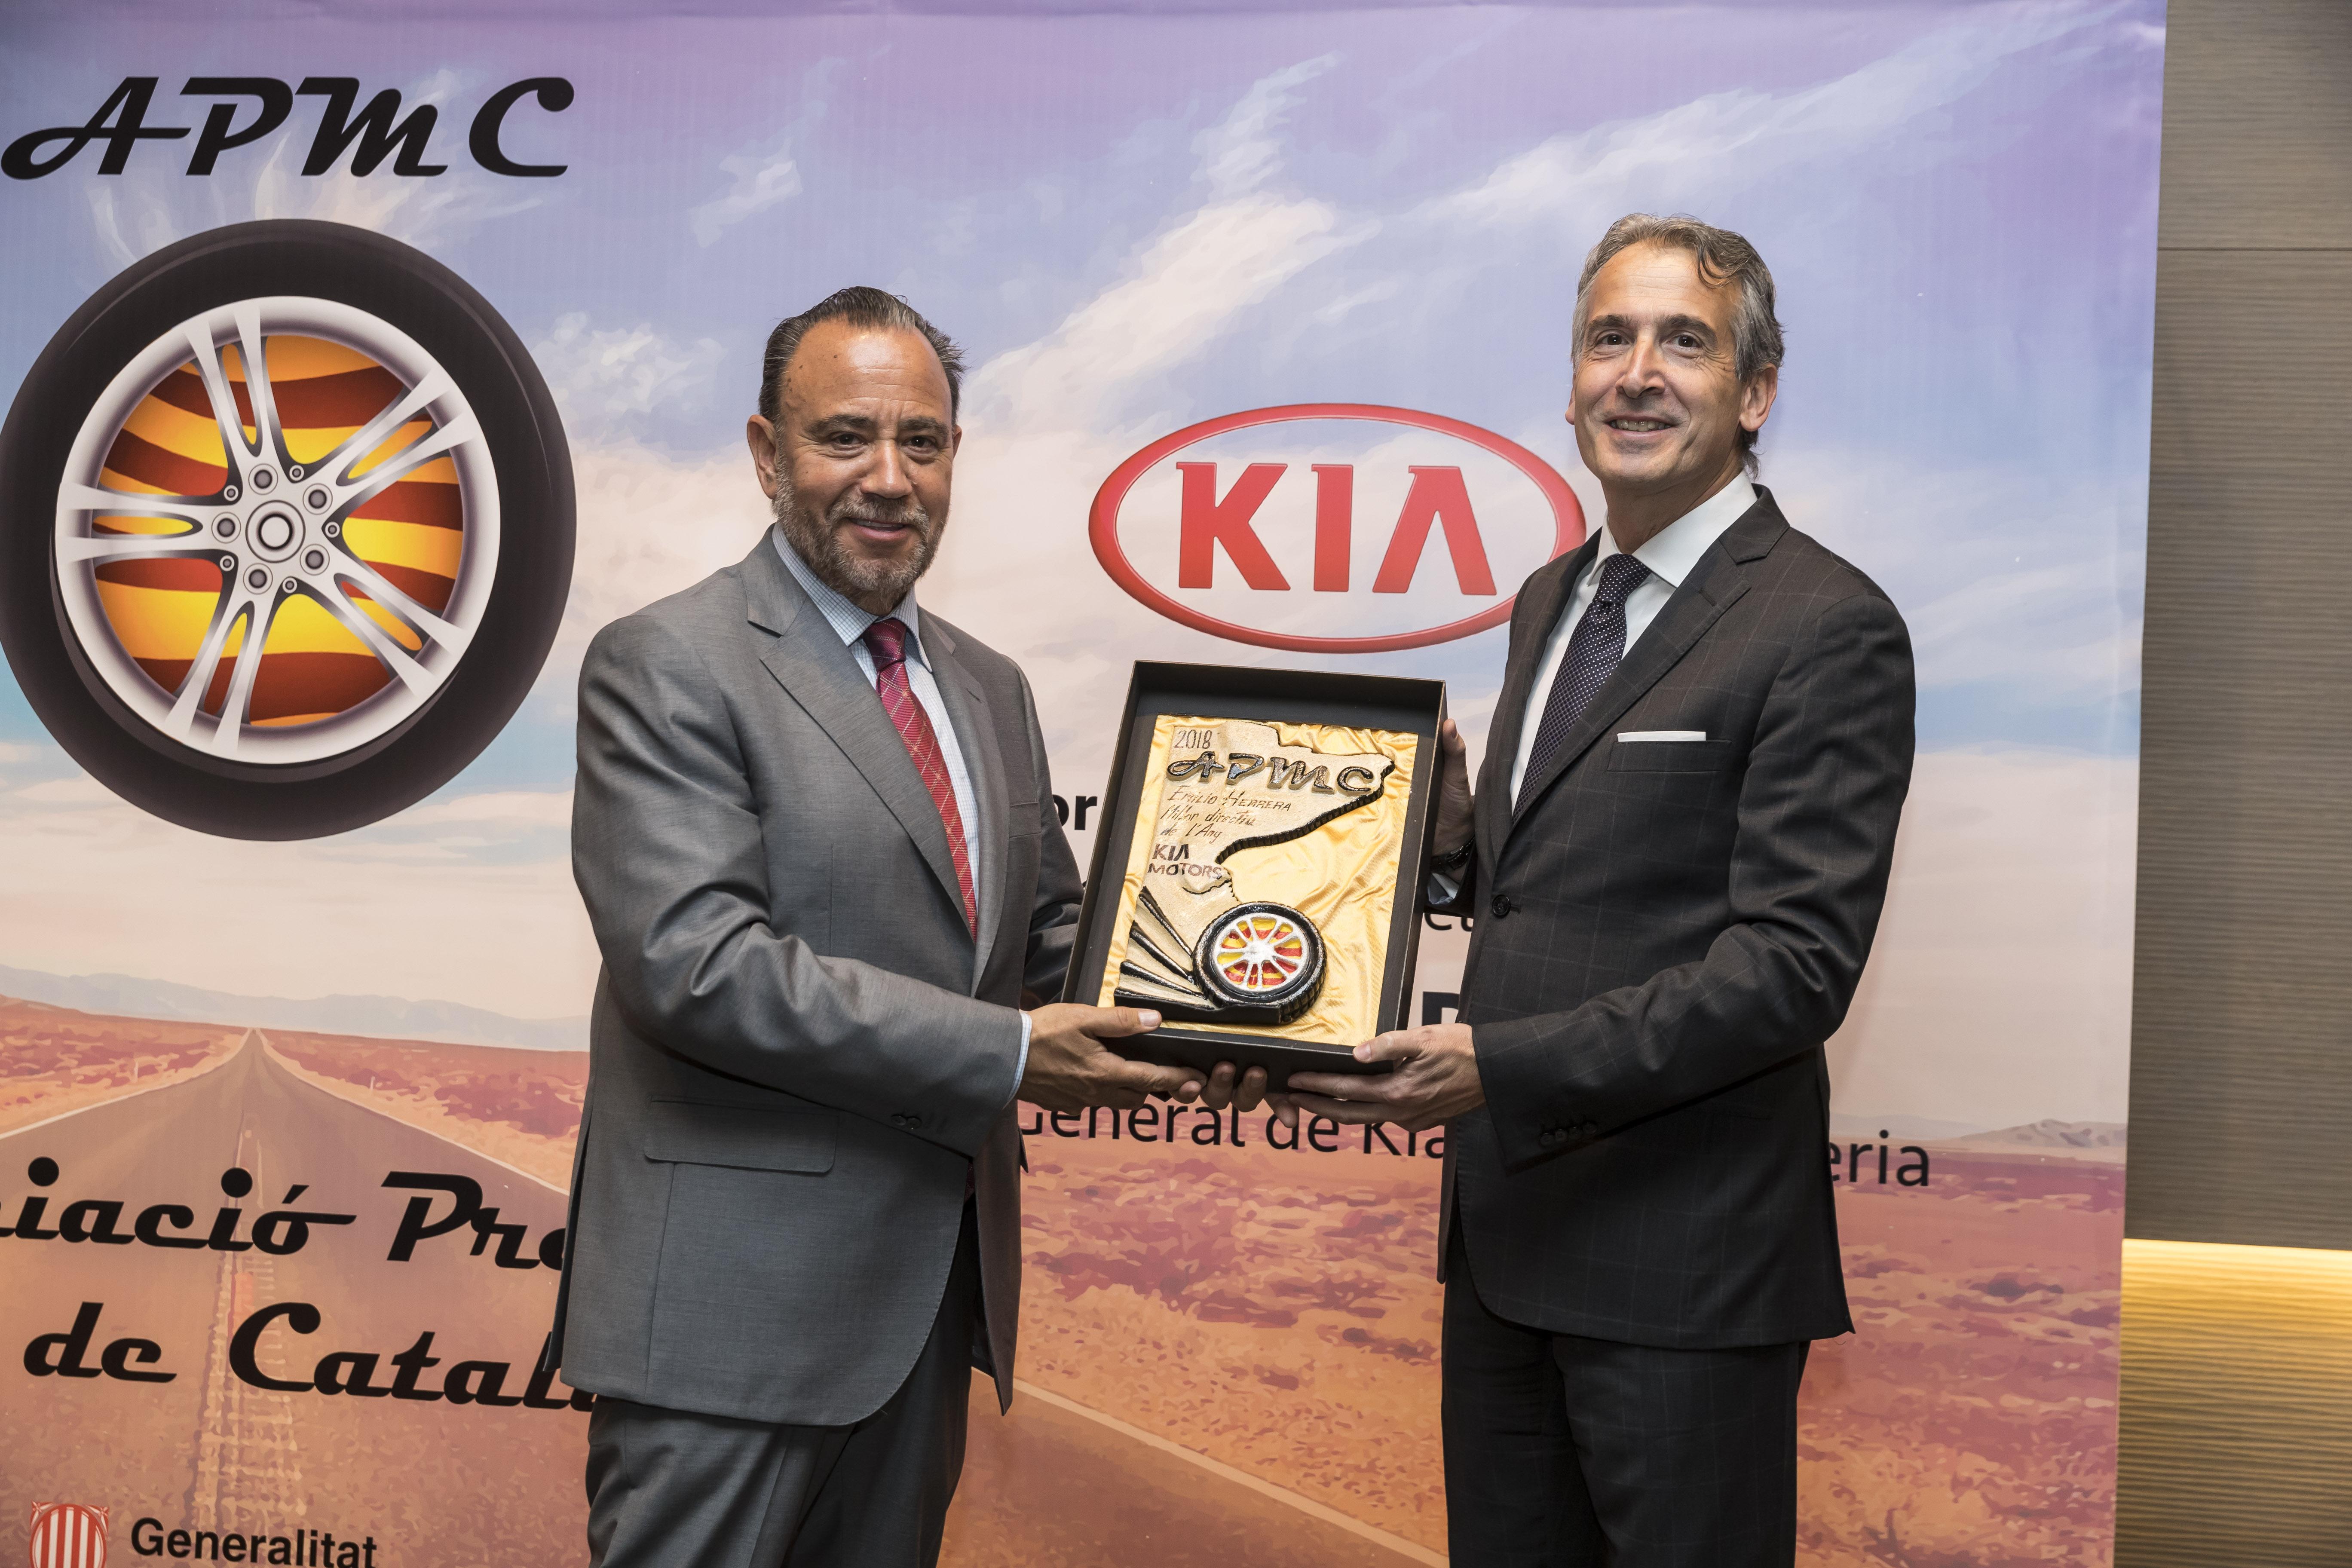 Premios APMC 5a Edicion_AK2I8494